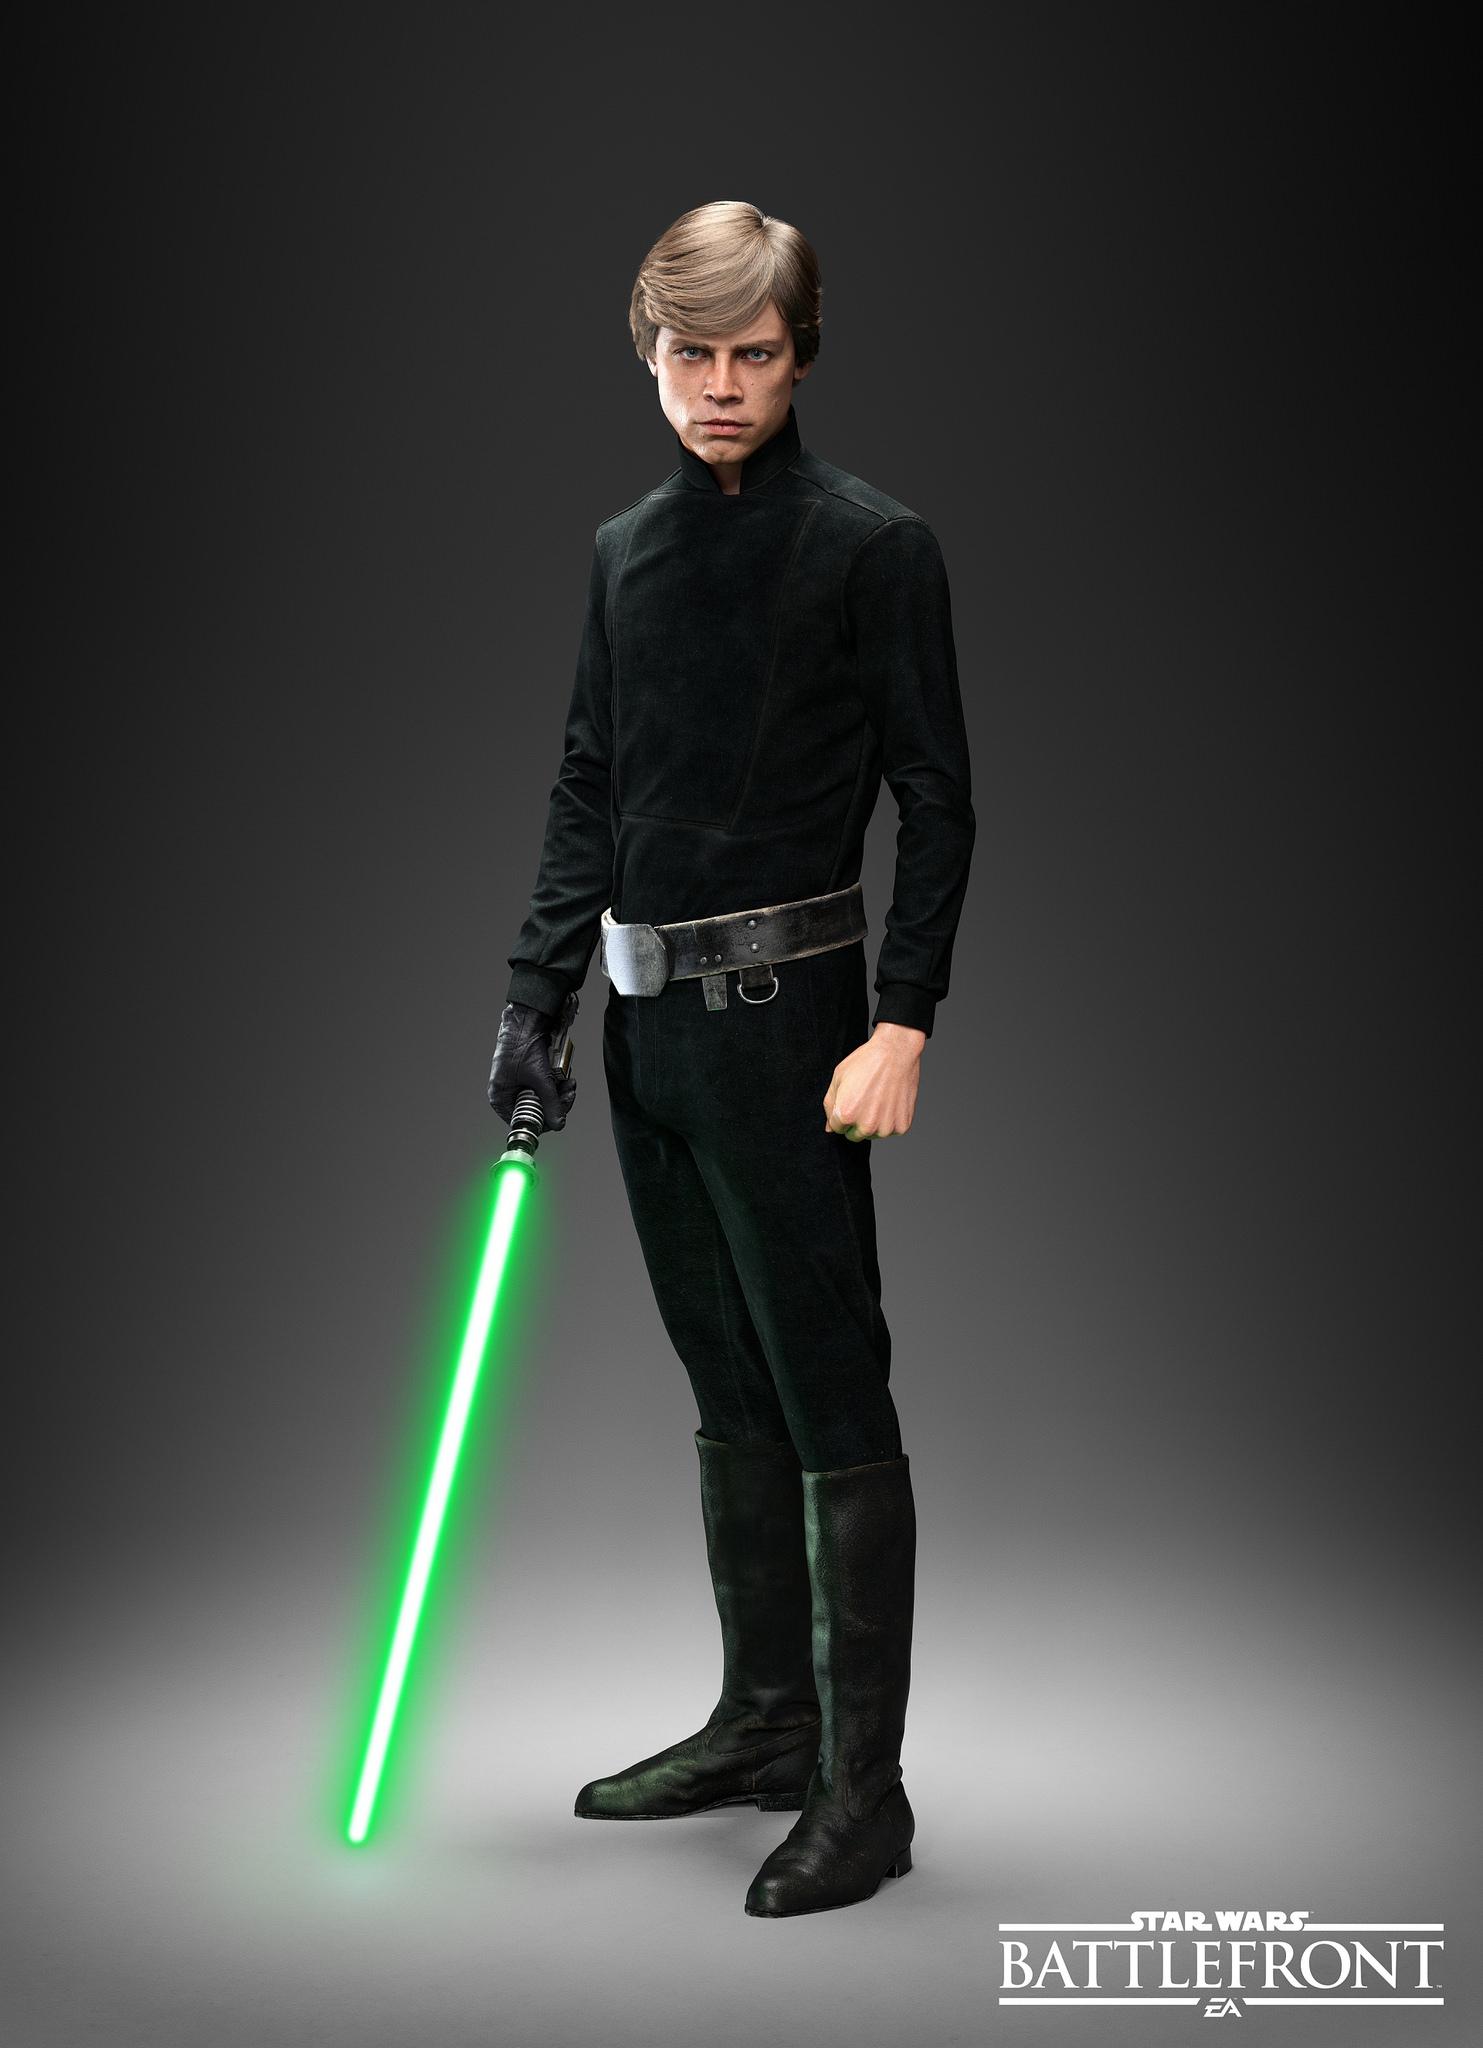 image - luke skywalker | star wars battlefront ea wikia | fandom